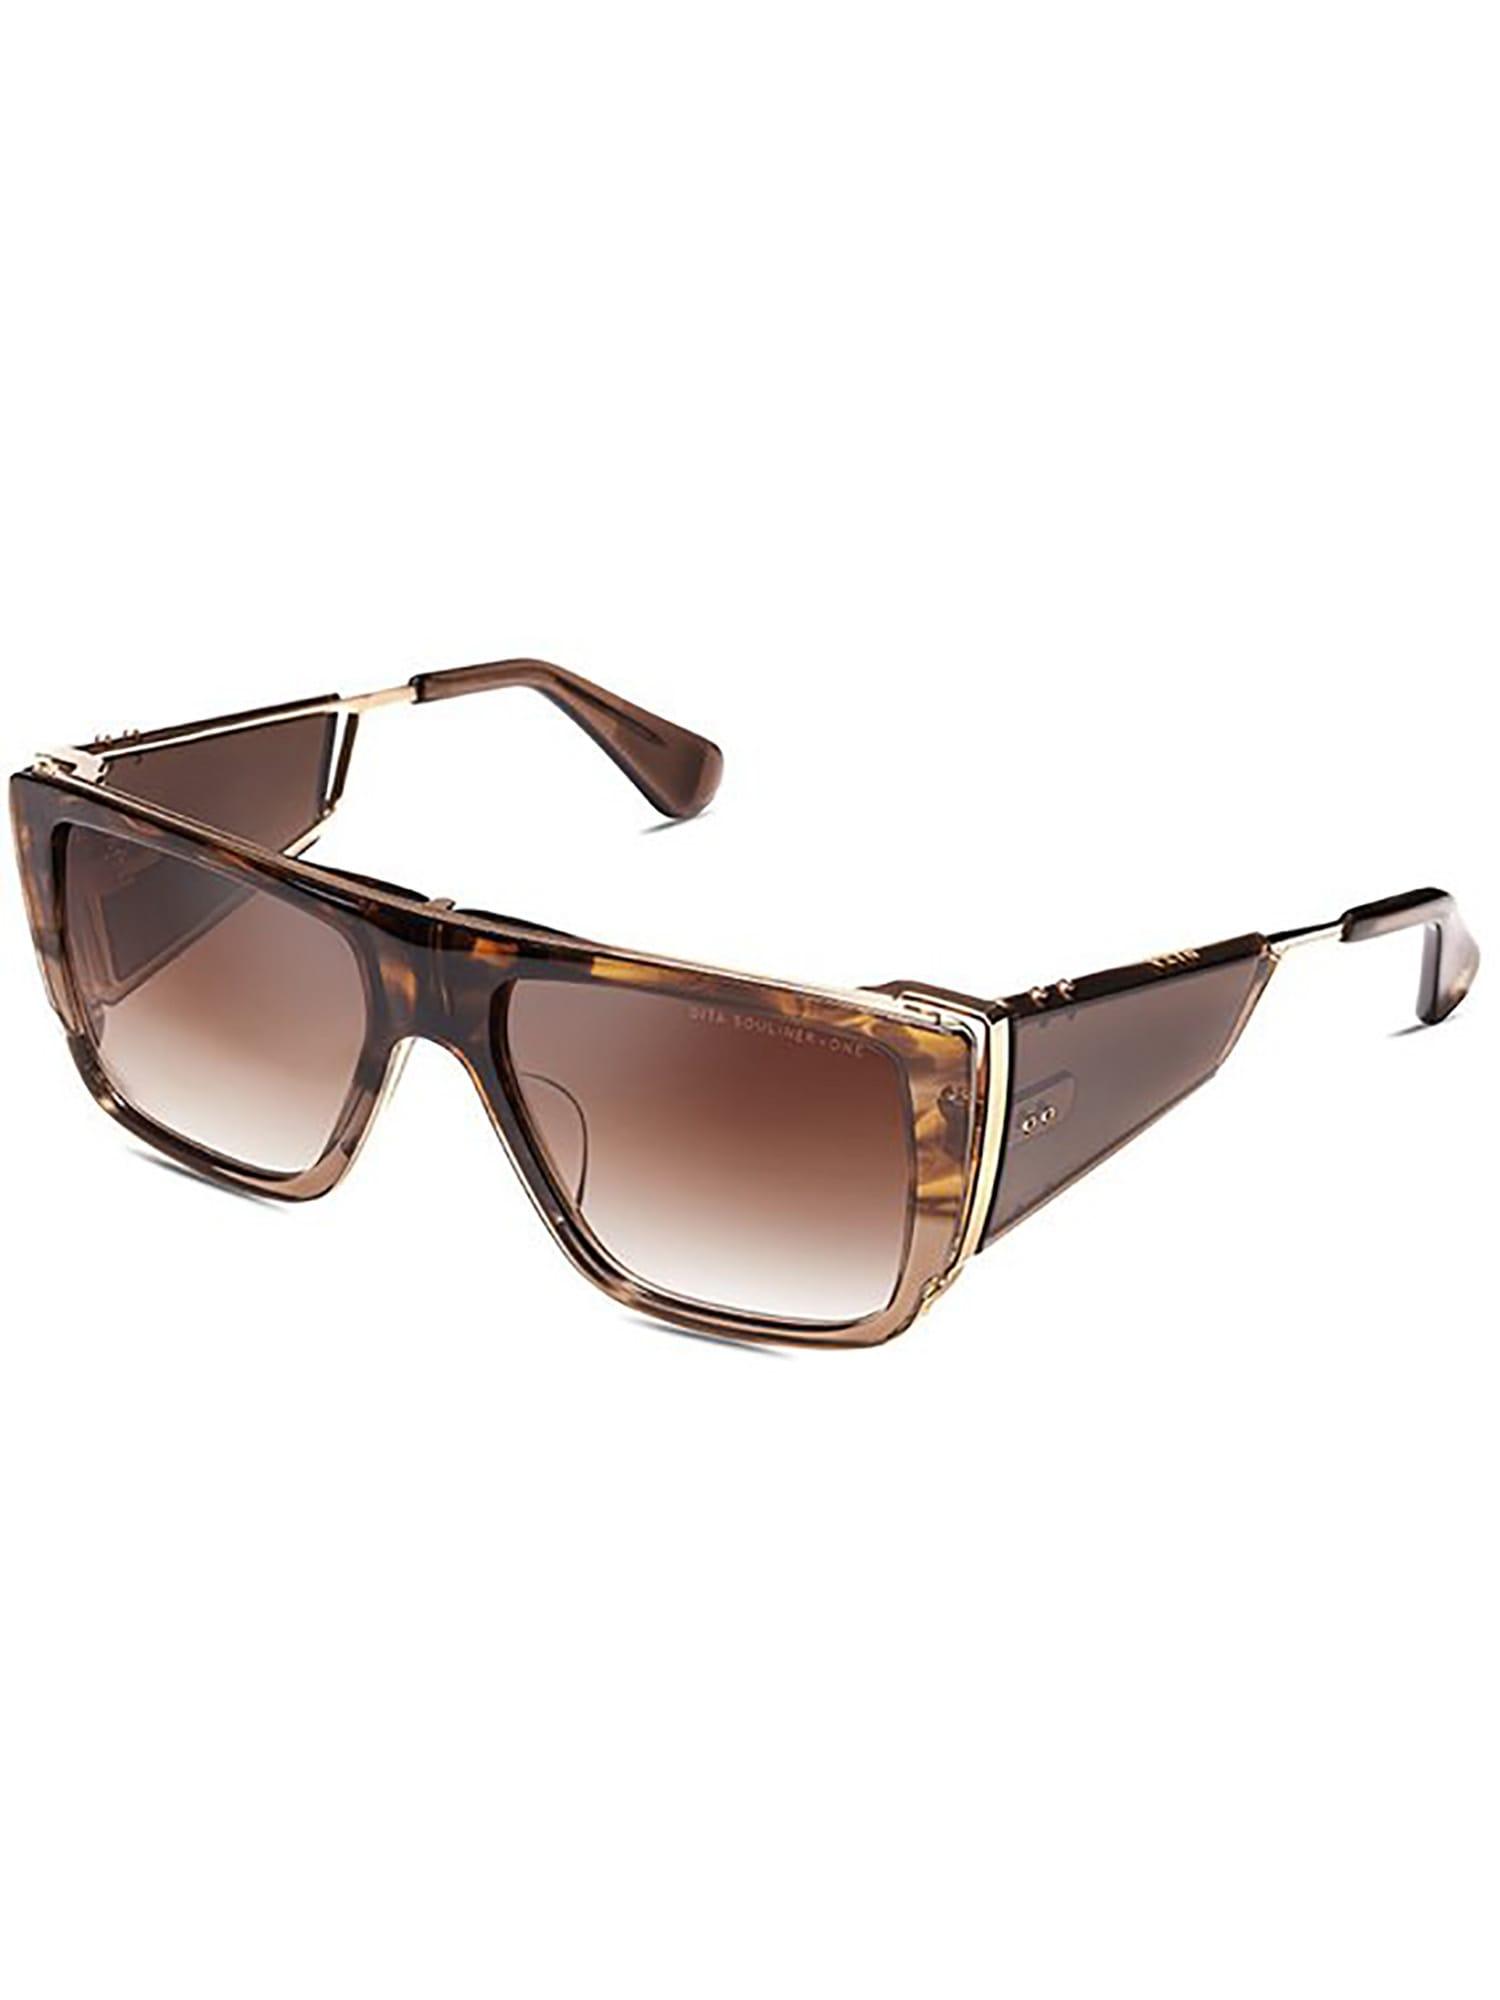 DTS127/56/02 Sunglasses